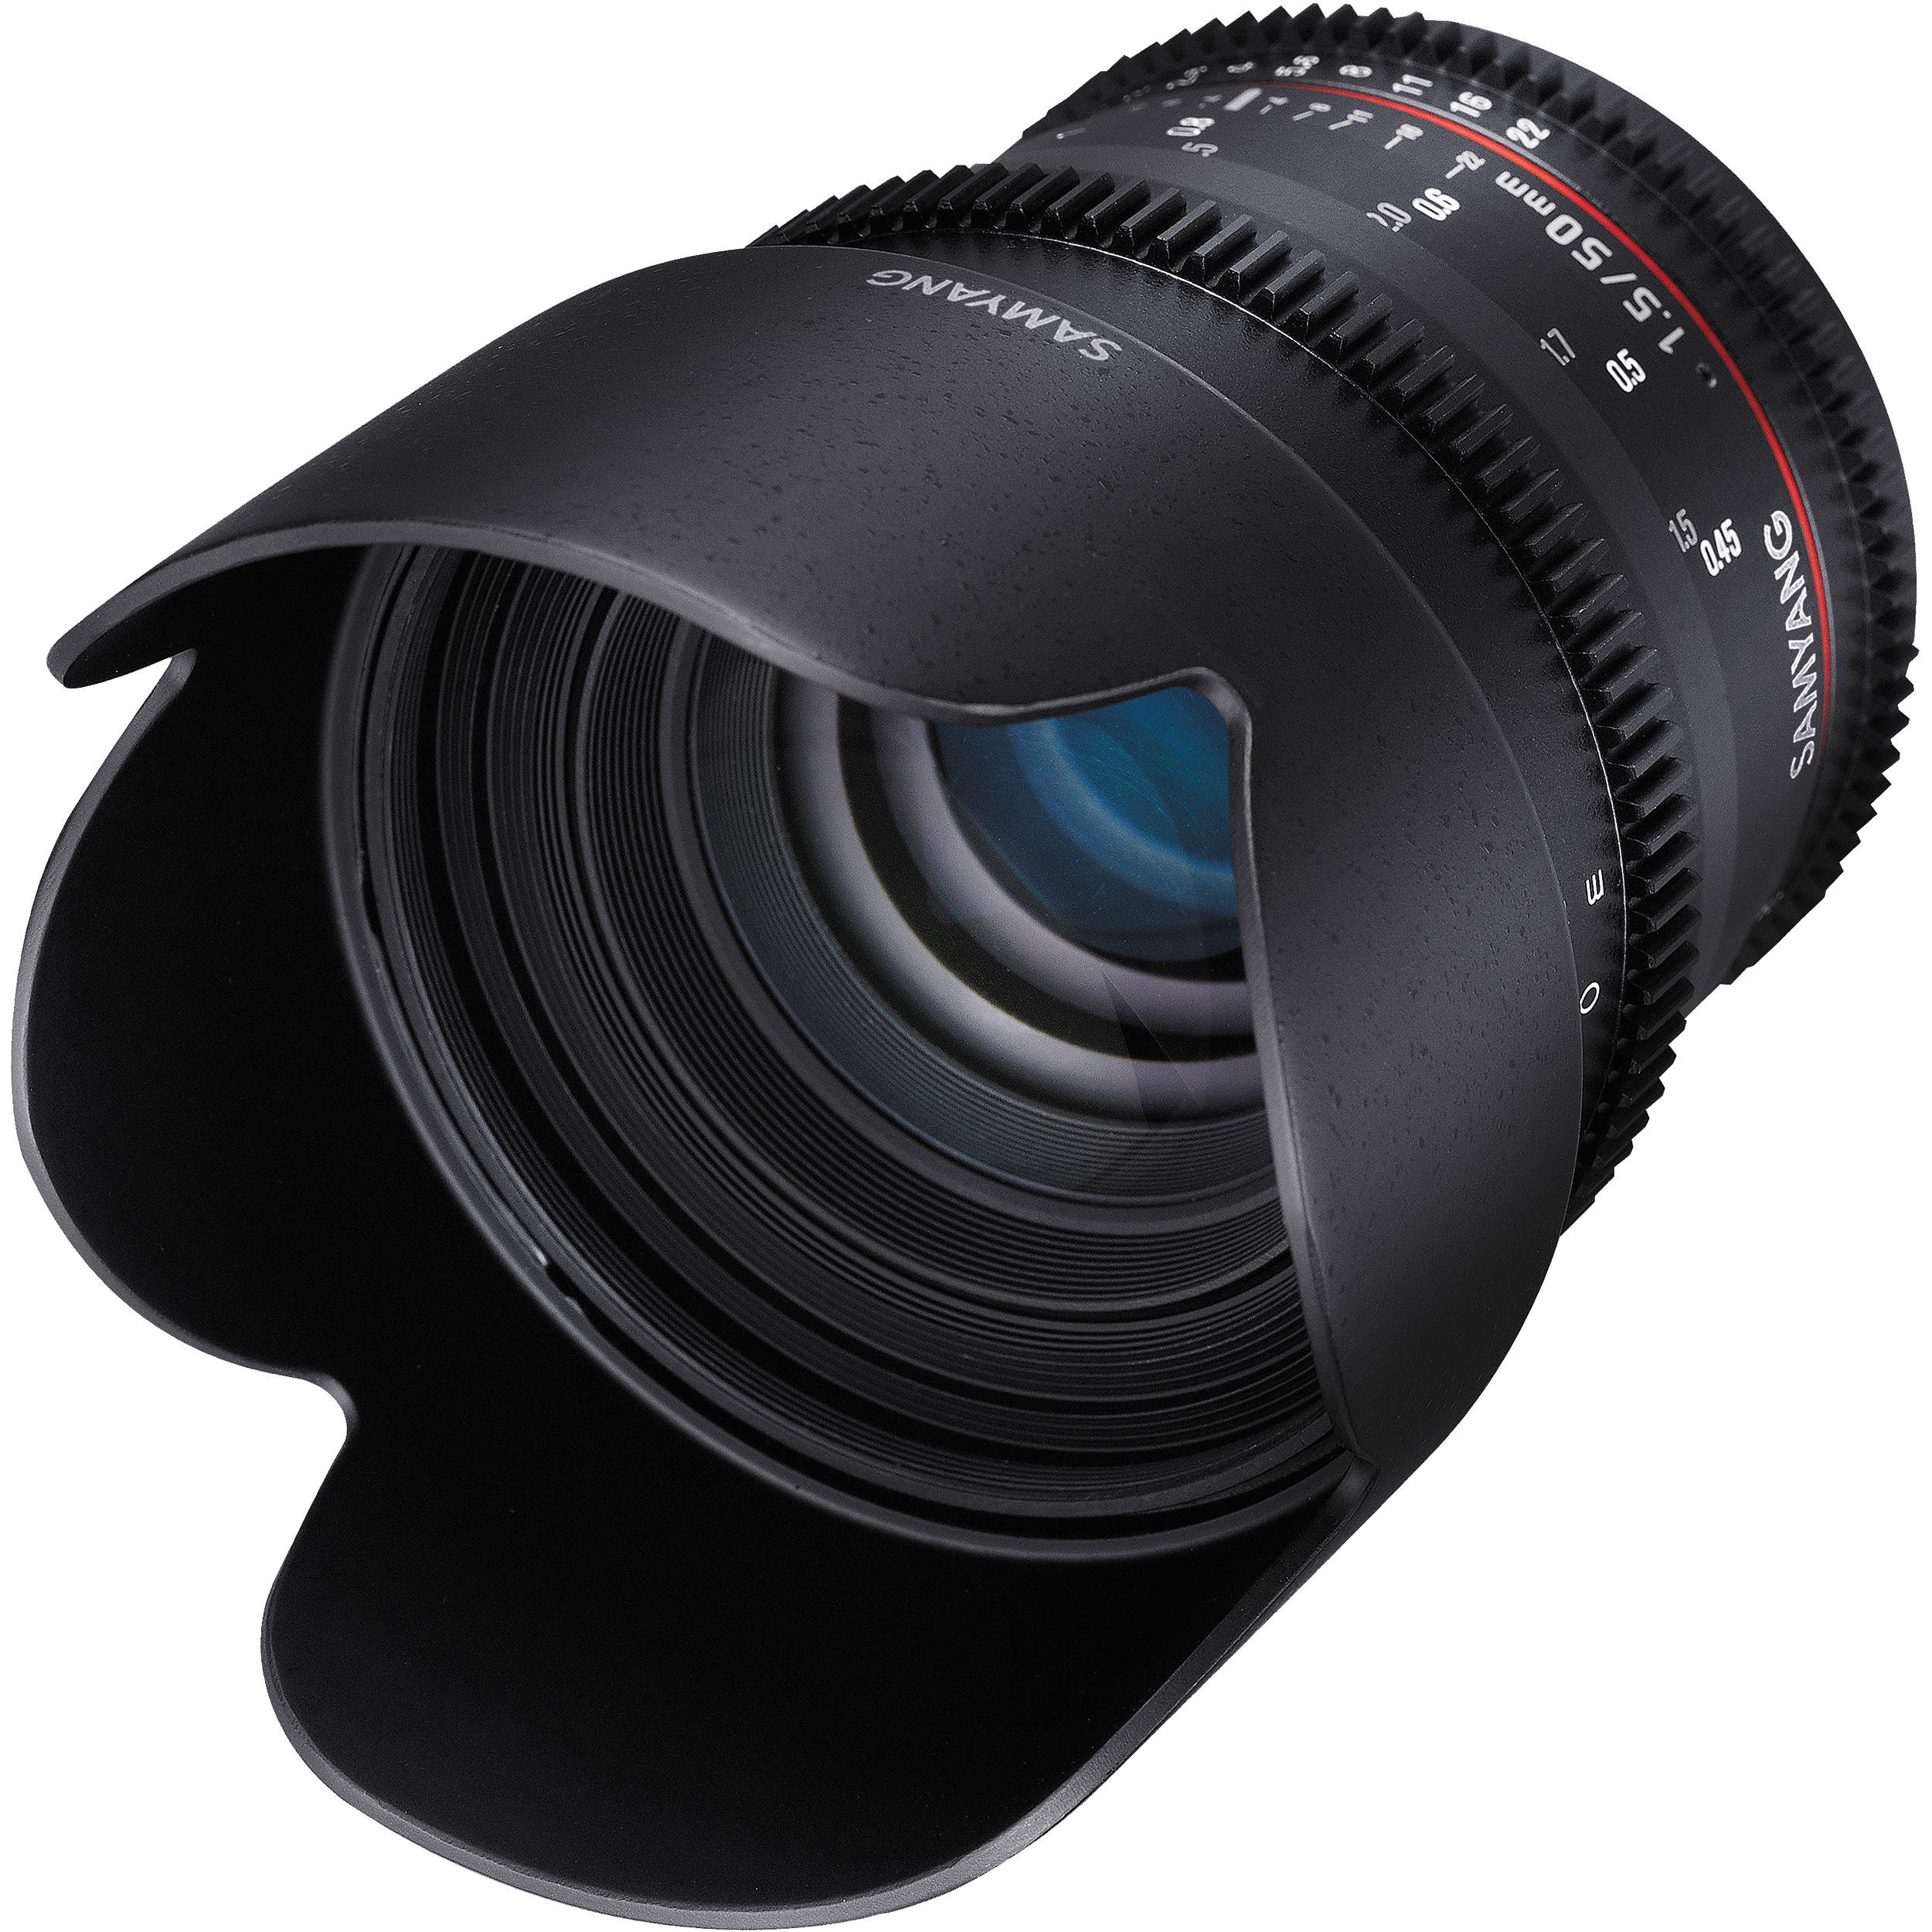 Samyang 50mm T1.5 VDSLR AS UMC Lens for Sony E Mount